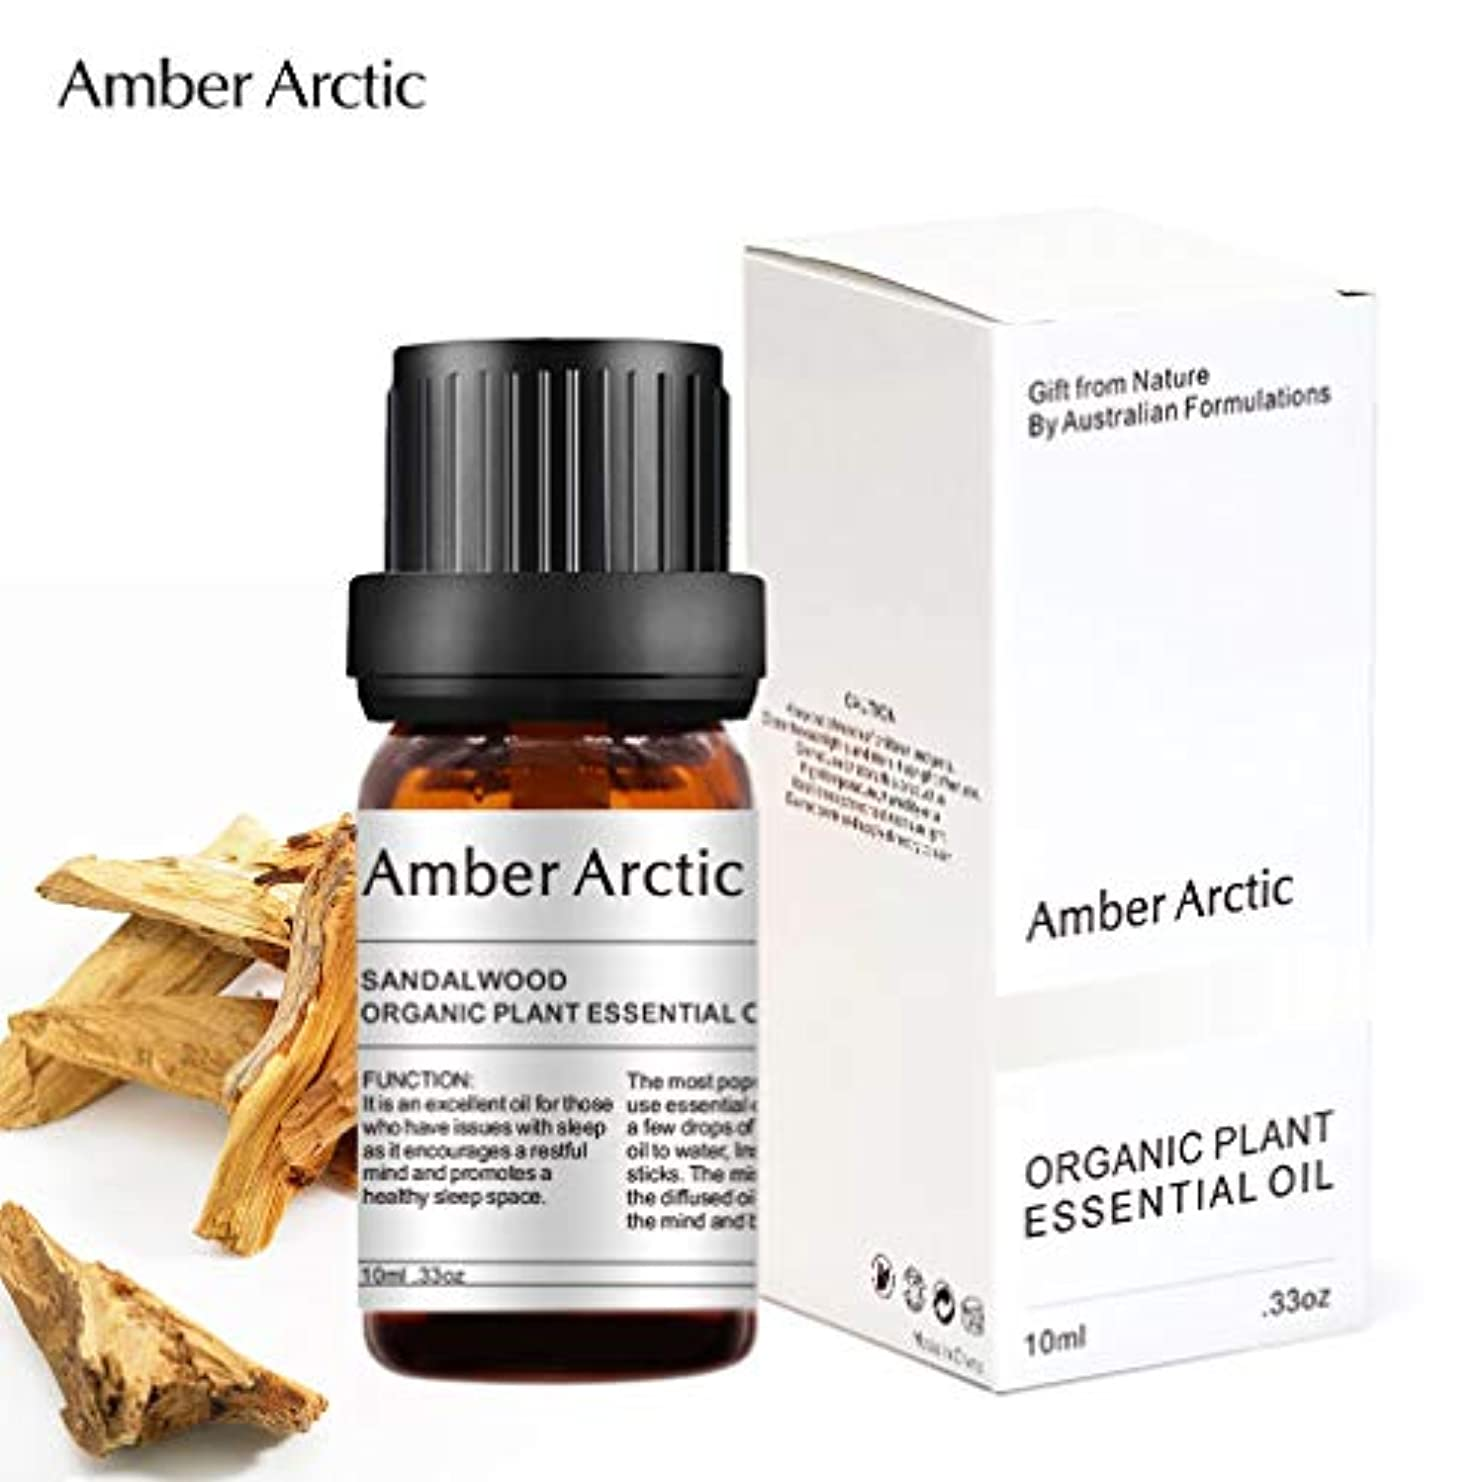 数感情の殺人Amber Arctic サンダルウッド エッセンシャル オイル、100% ピュア ナチュラル アロマセラピー サンダルウッド オイル スプレッド 用 (10ML) サンダルウッド